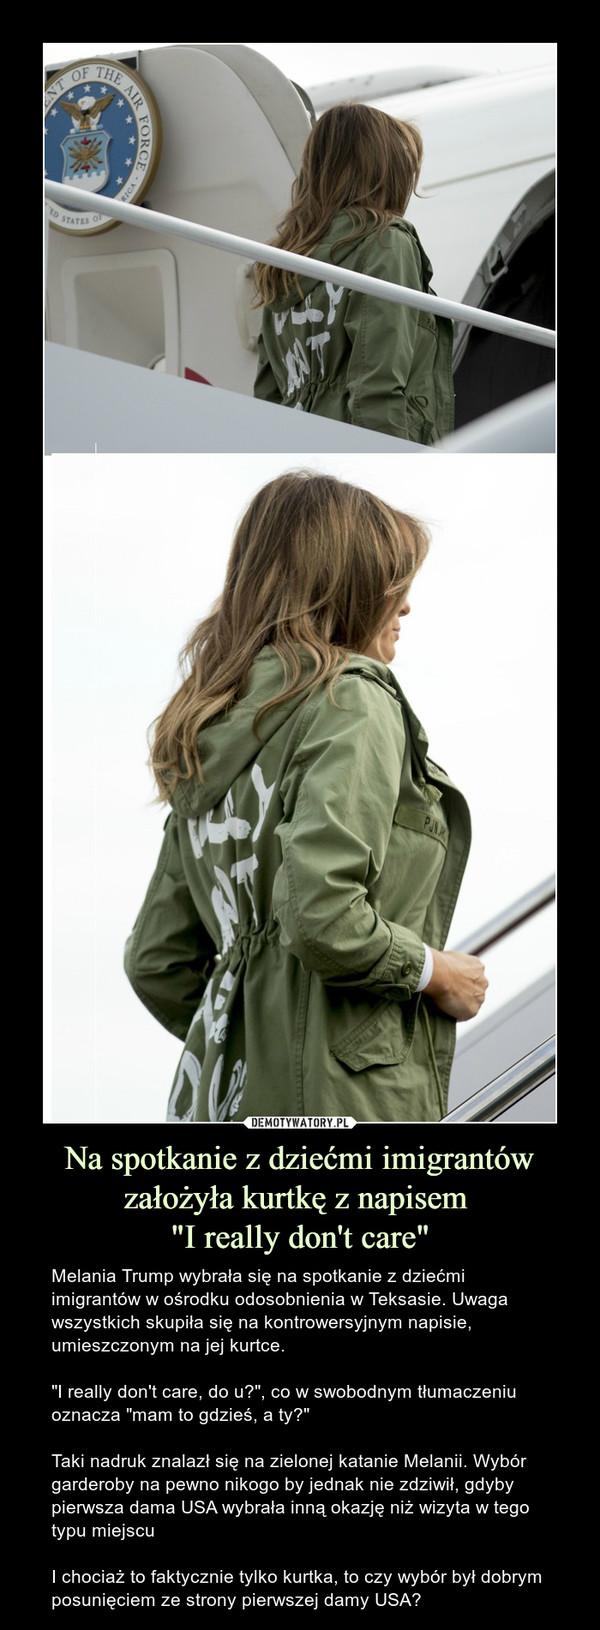 """Na spotkanie z dziećmi imigrantów założyła kurtkę z napisem """"I really don't care"""" – Melania Trump wybrała się na spotkanie z dziećmi imigrantów w ośrodku odosobnienia w Teksasie. Uwaga wszystkich skupiła się na kontrowersyjnym napisie, umieszczonym na jej kurtce.""""I really don't care, do u?"""", co w swobodnym tłumaczeniu oznacza """"mam to gdzieś, a ty?""""Taki nadruk znalazł się na zielonej katanie Melanii. Wybór garderoby na pewno nikogo by jednak nie zdziwił, gdyby pierwsza dama USA wybrała inną okazję niż wizyta w tego typu miejscuI chociaż to faktycznie tylko kurtka, to czy wybór był dobrym posunięciem ze strony pierwszej damy USA?"""